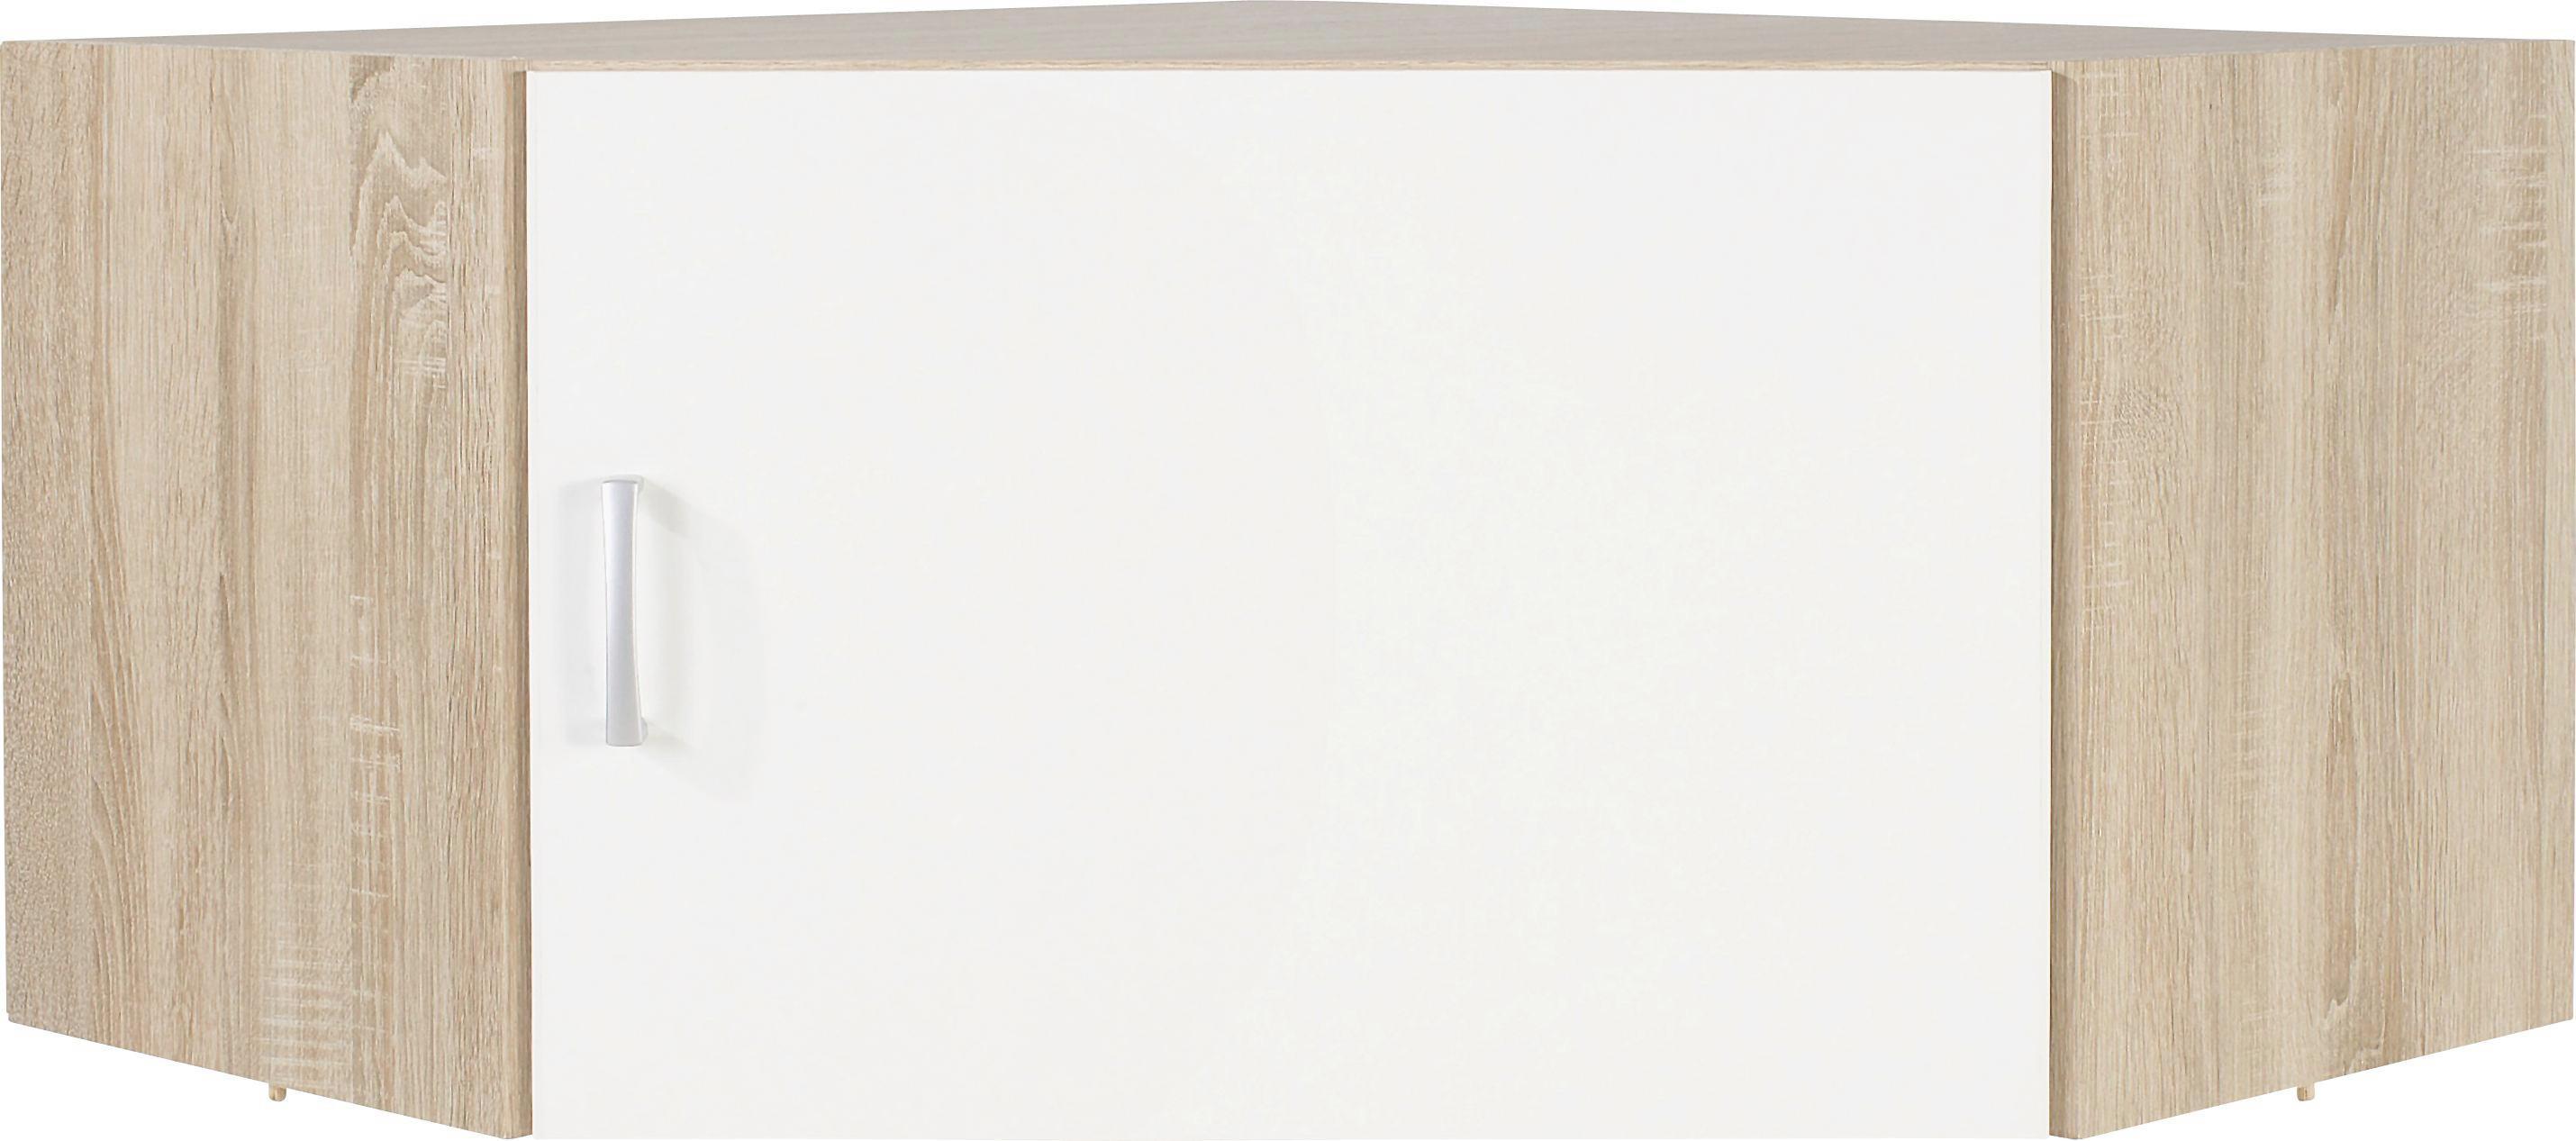 Sarokszekrény Rátét Tio - tölgy színű/fehér, konvencionális, faanyagok (80/80cm)